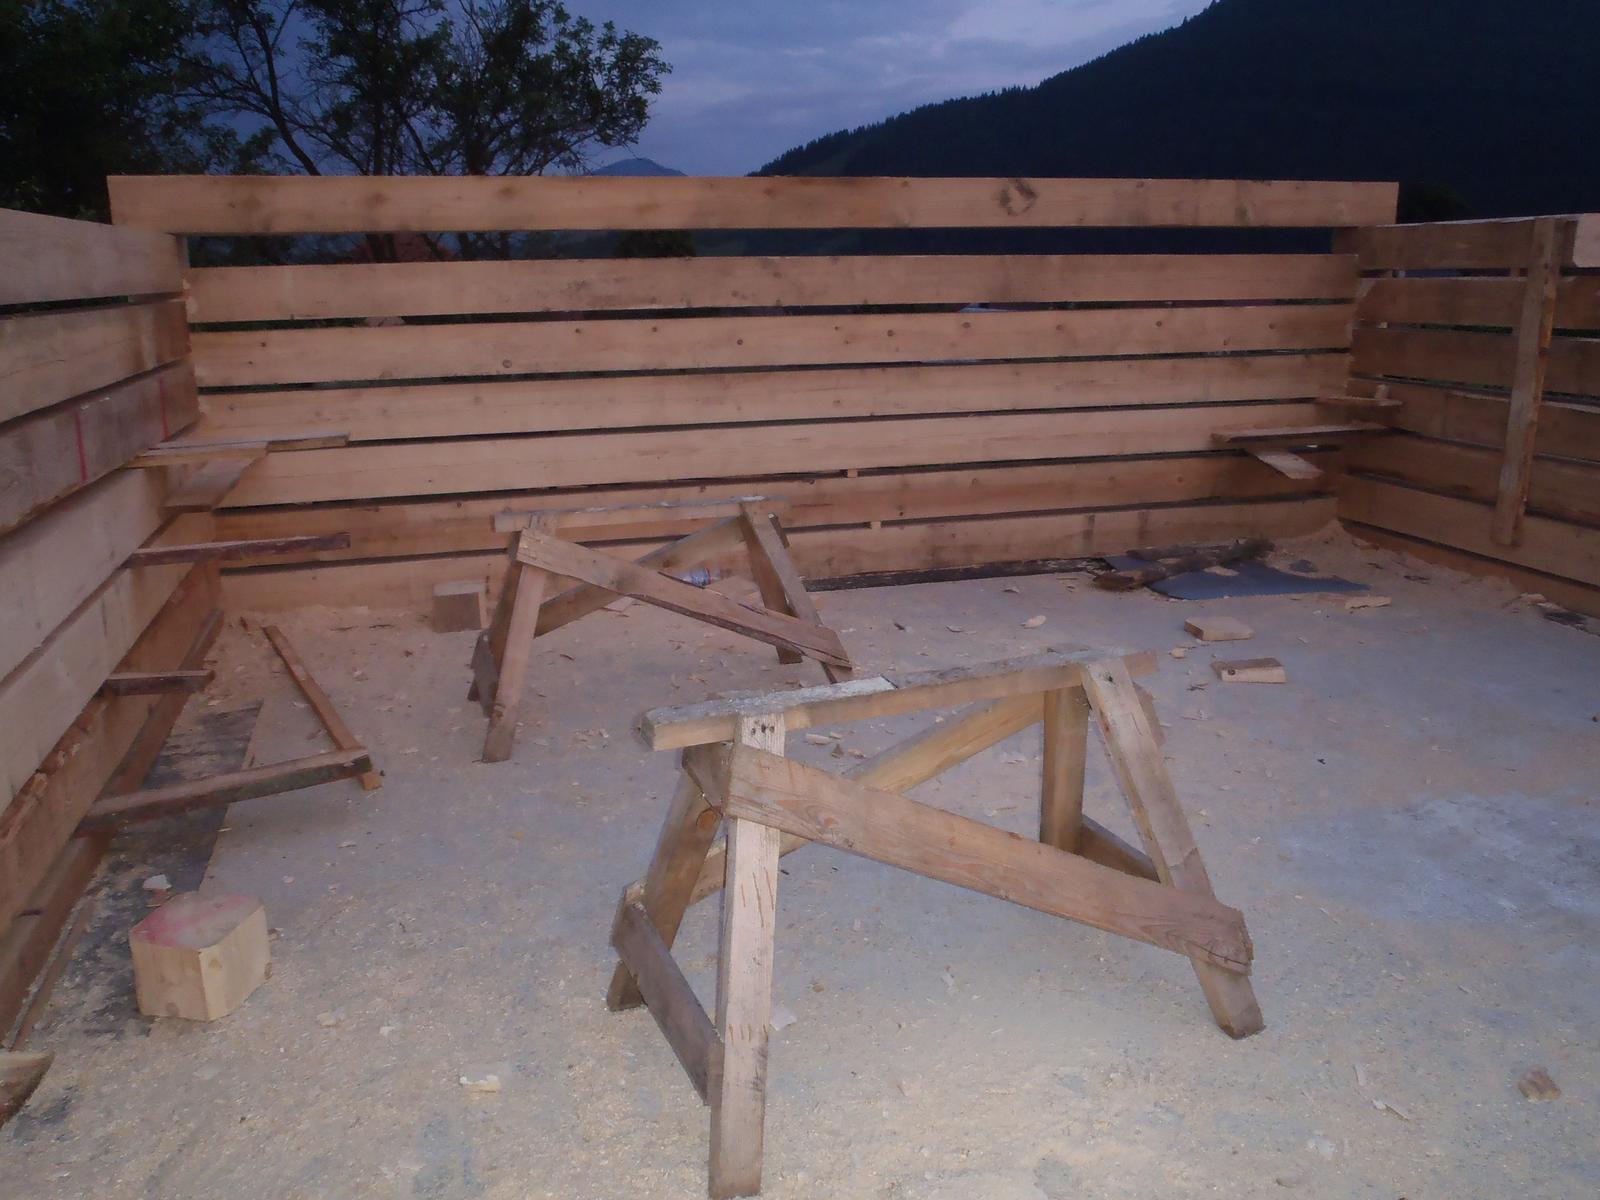 Náš veľký sen o drevenom domčeku! - Na tejto stene bude telka a krb